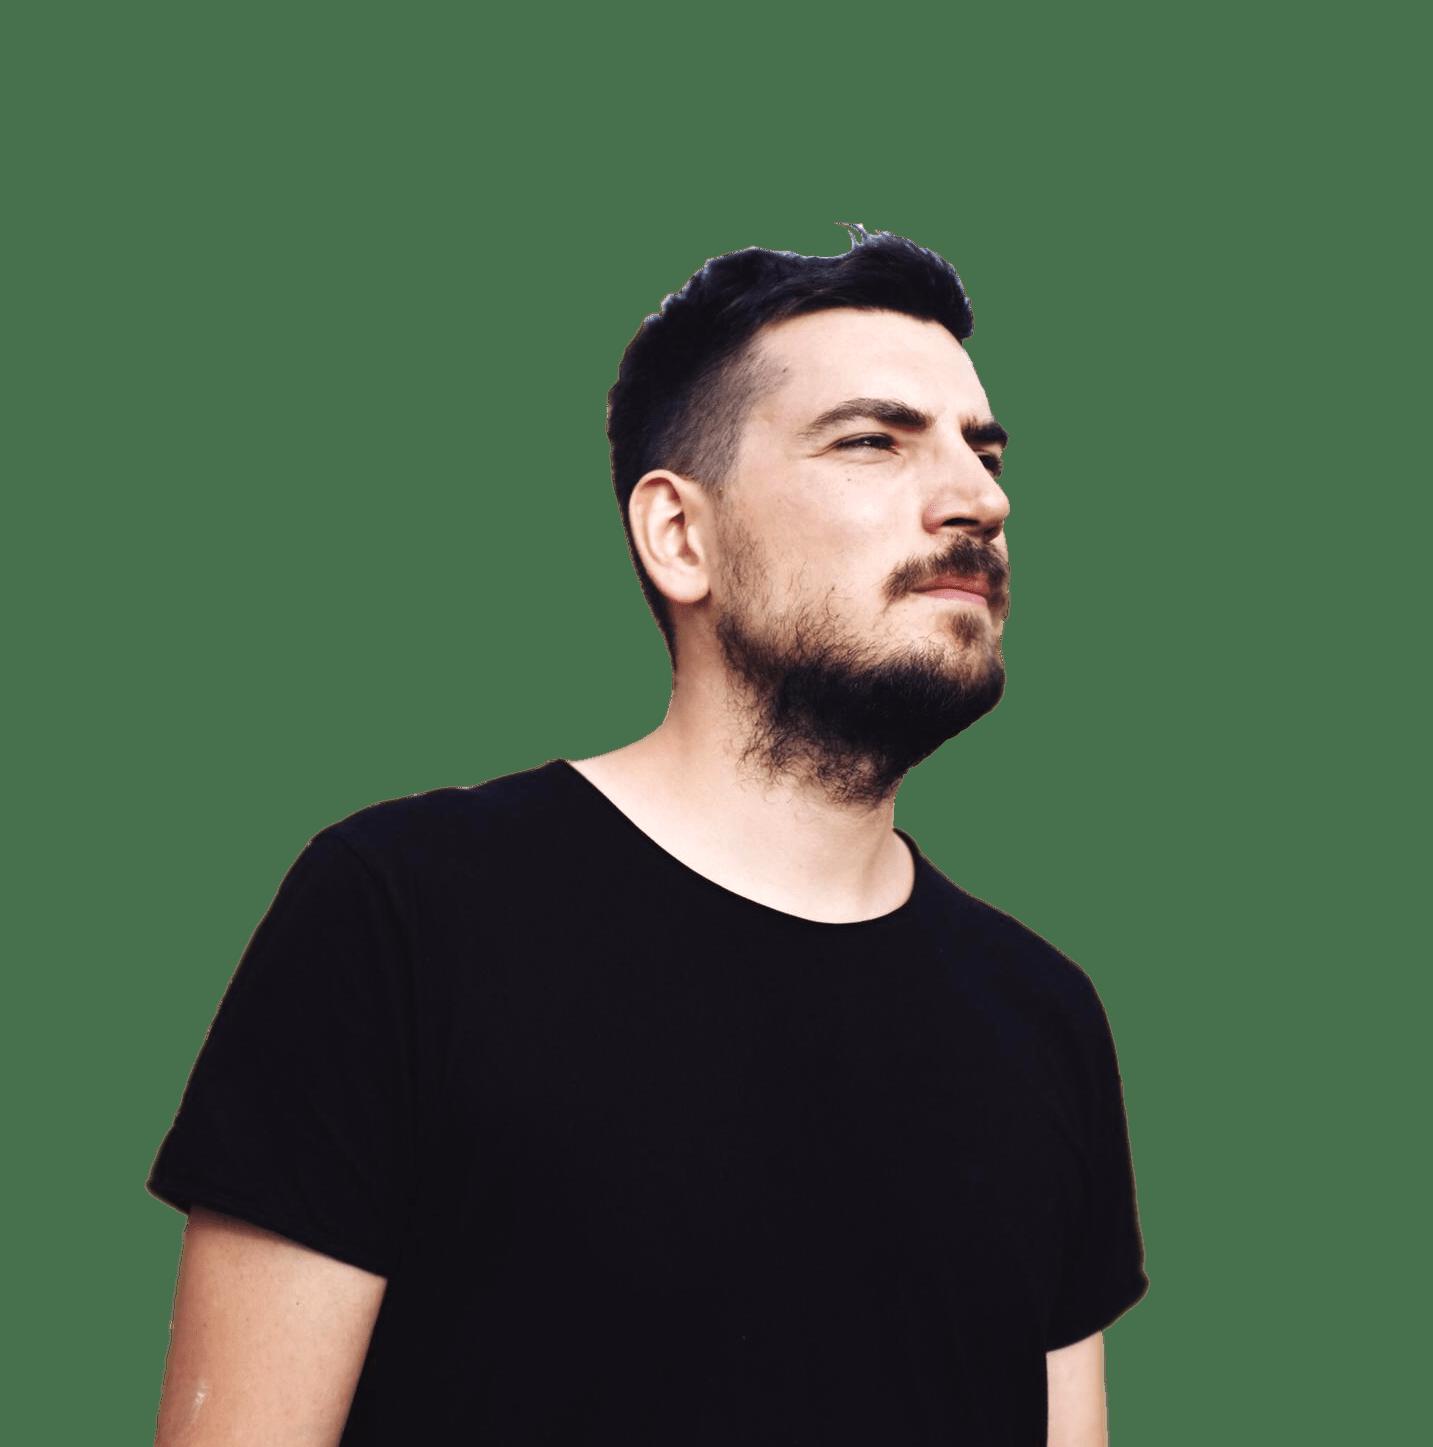 Aleksandar Dobrohotov